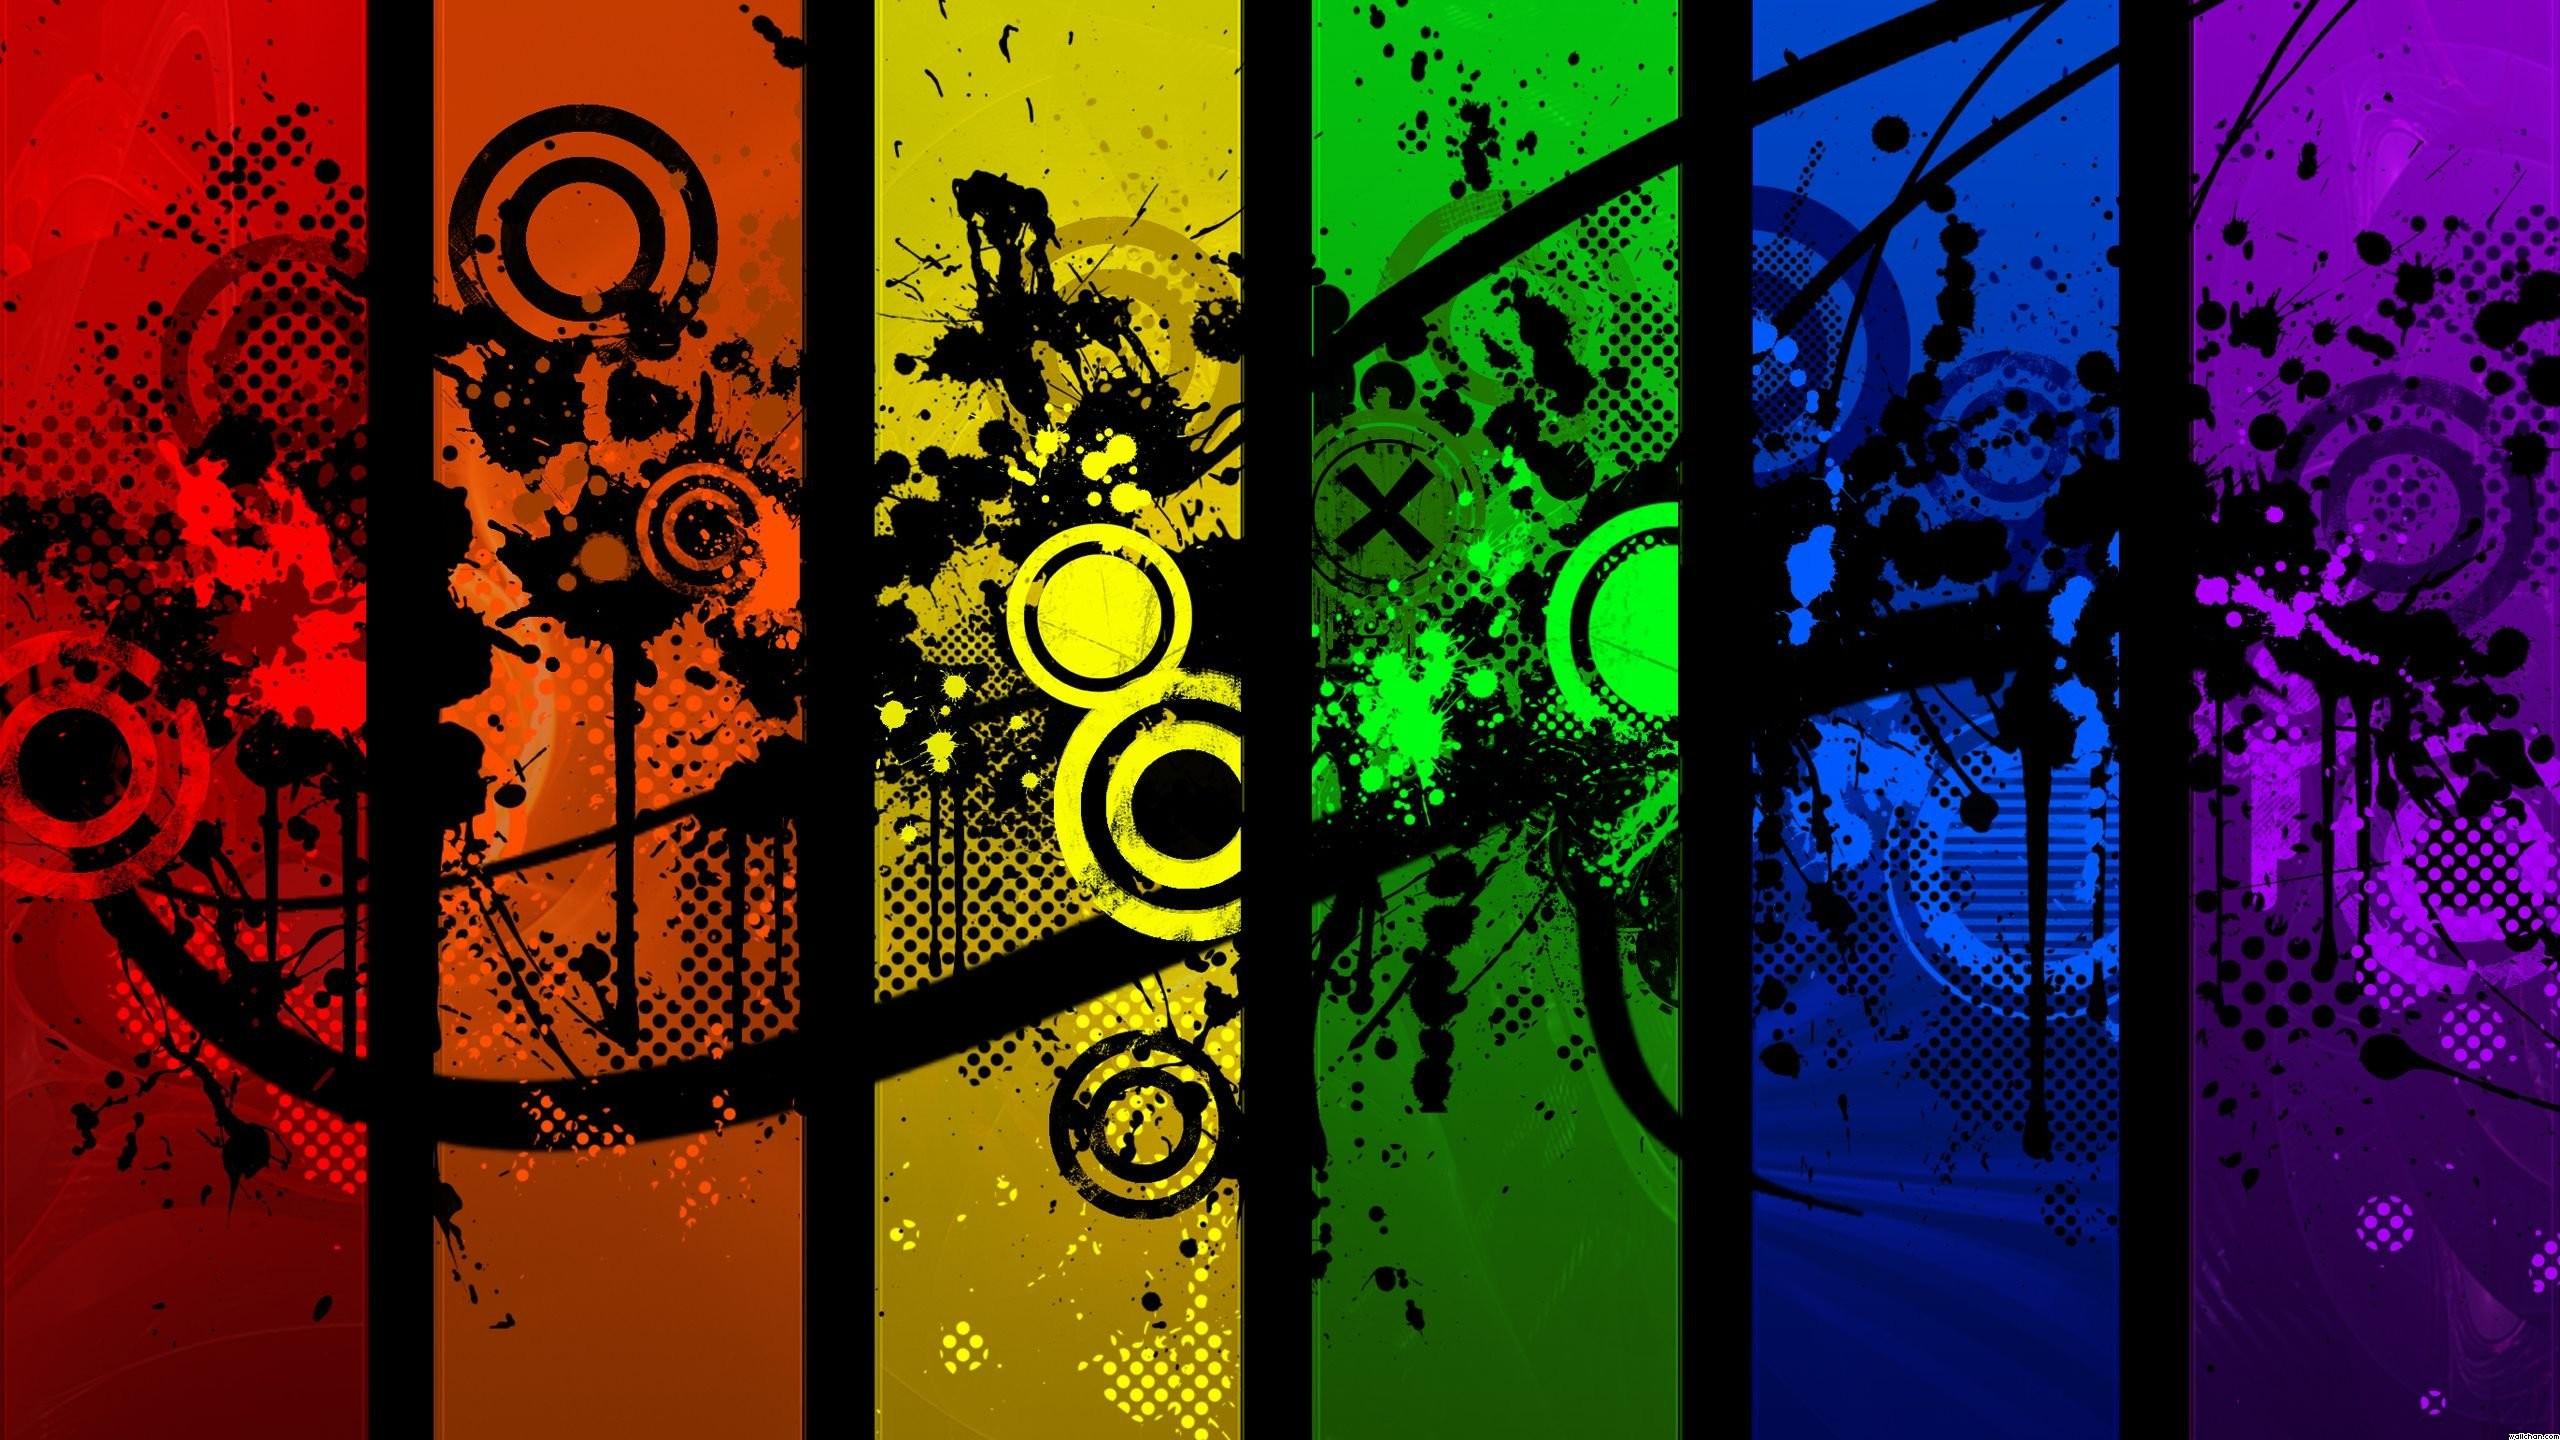 Res: 2560x1440, Color Splash Wallpaper - WallpaperSafari